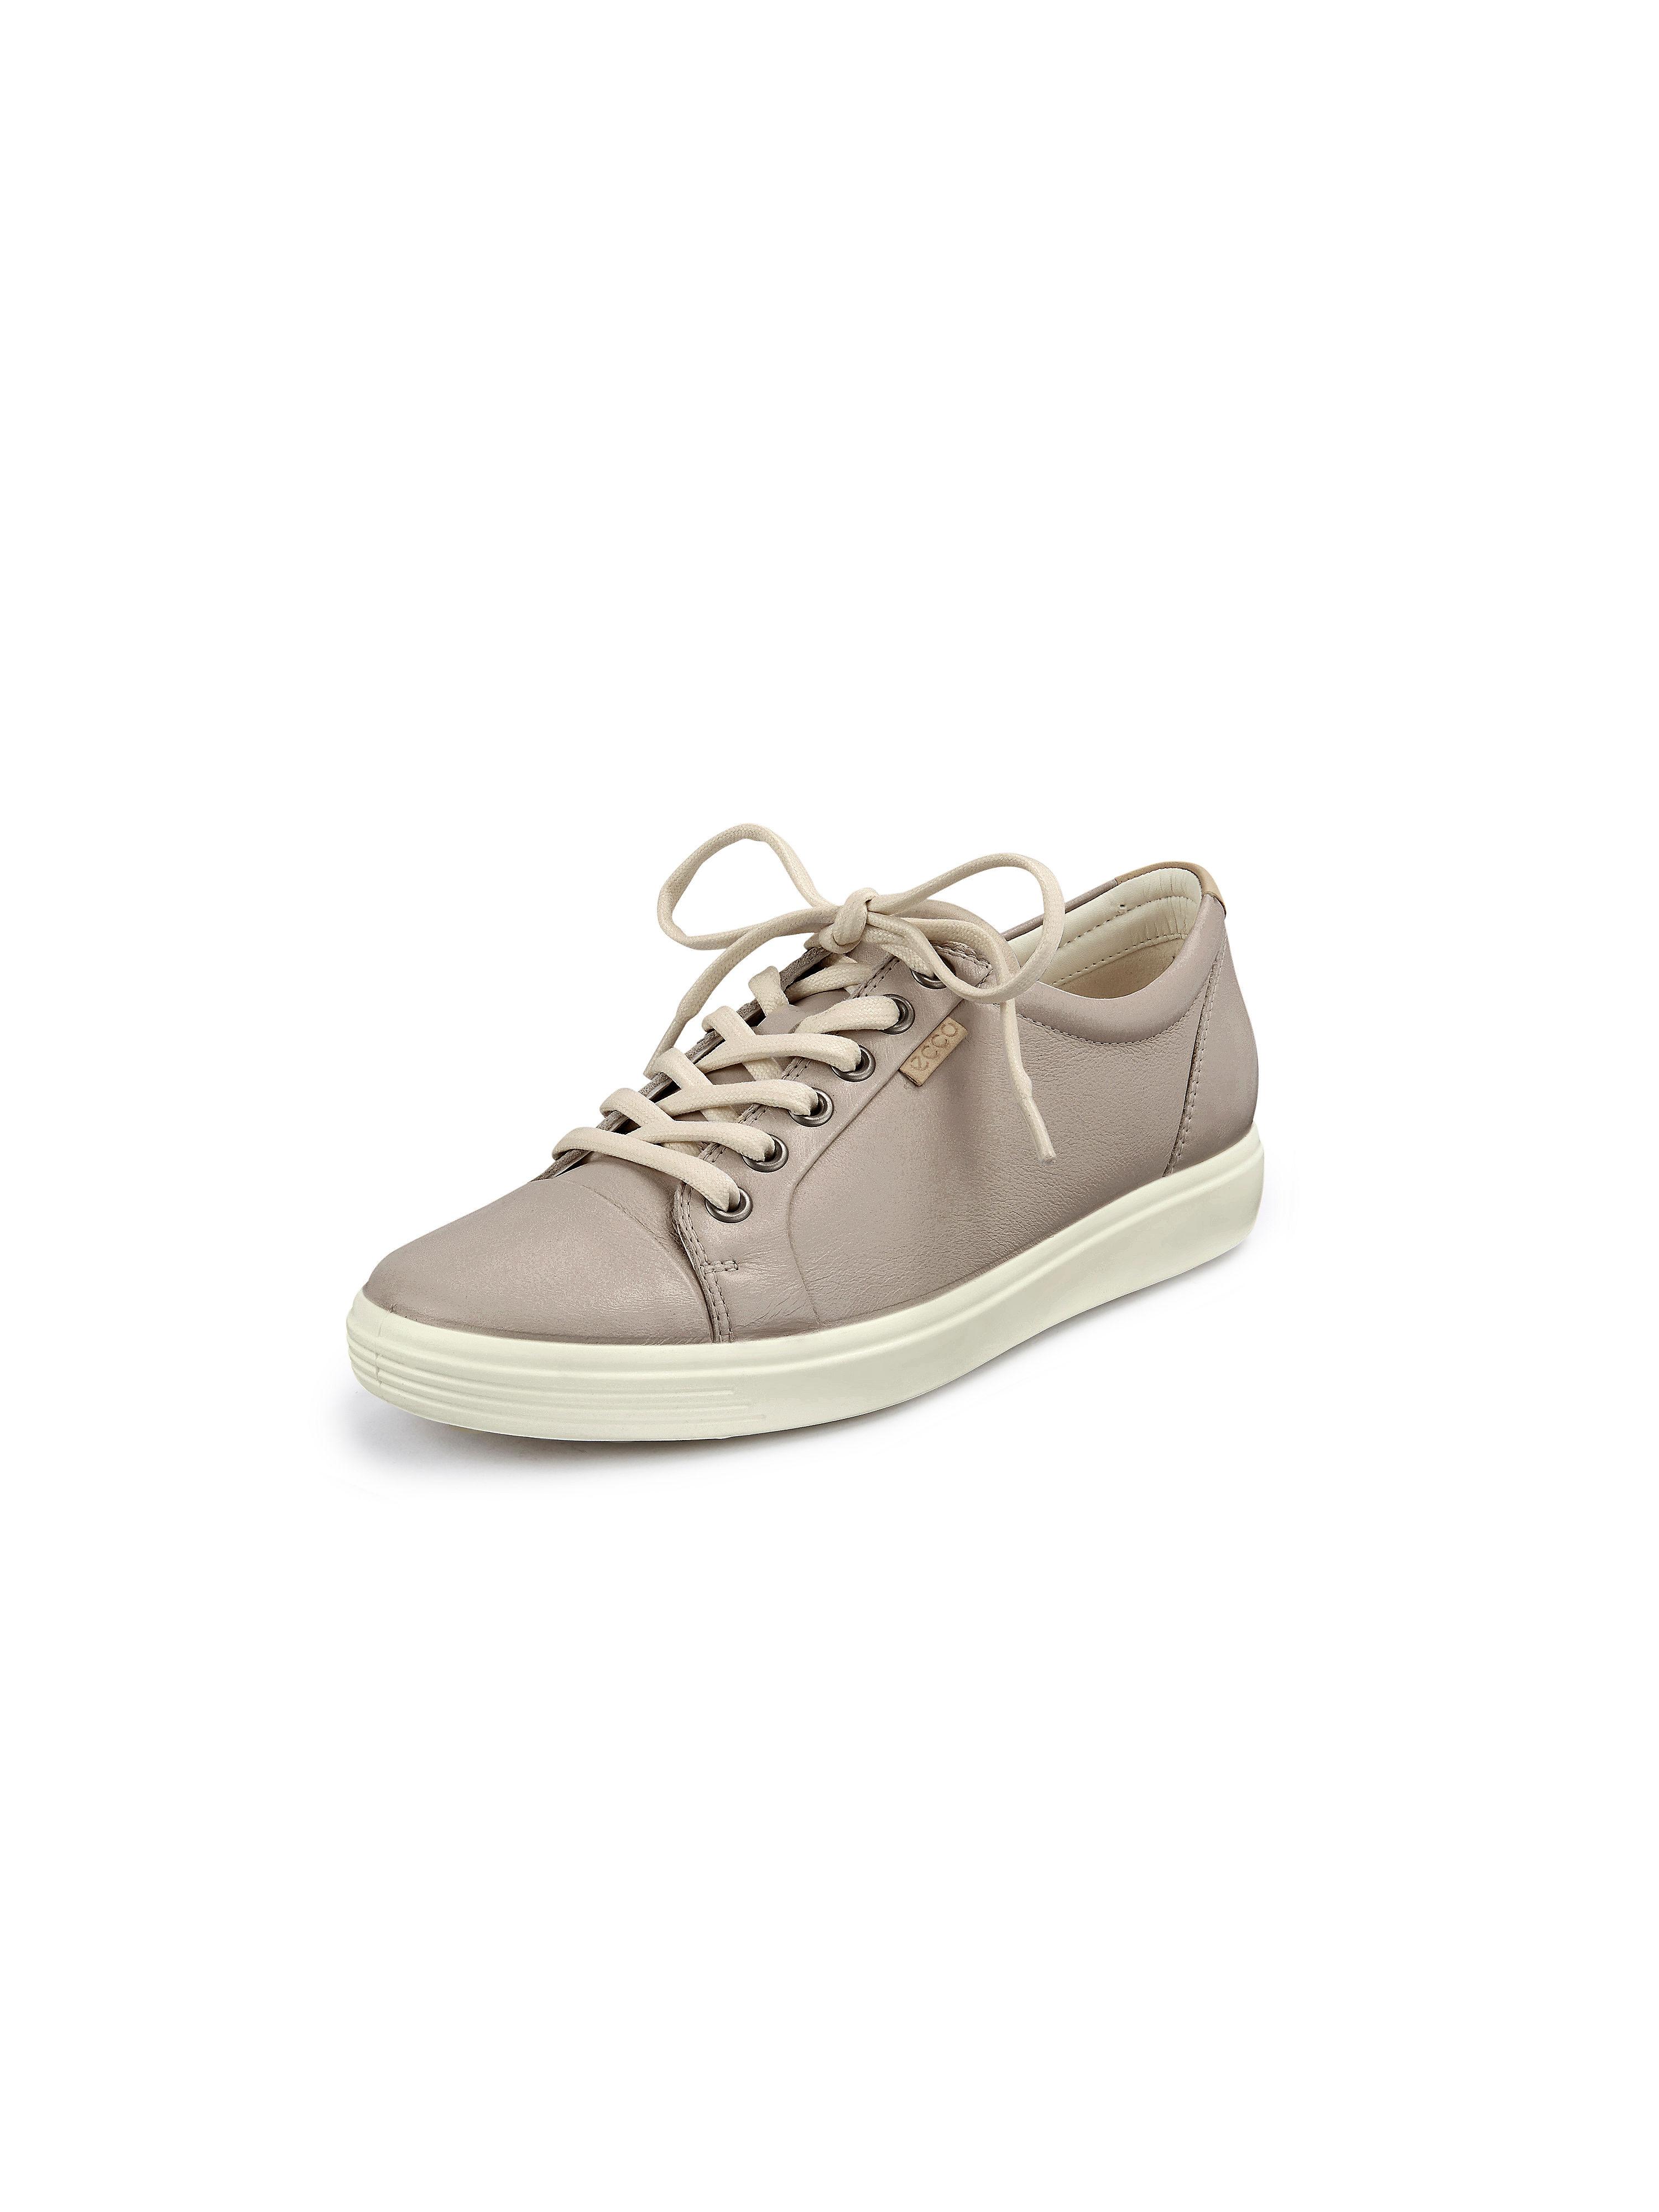 Sneakers Van Ecco beige